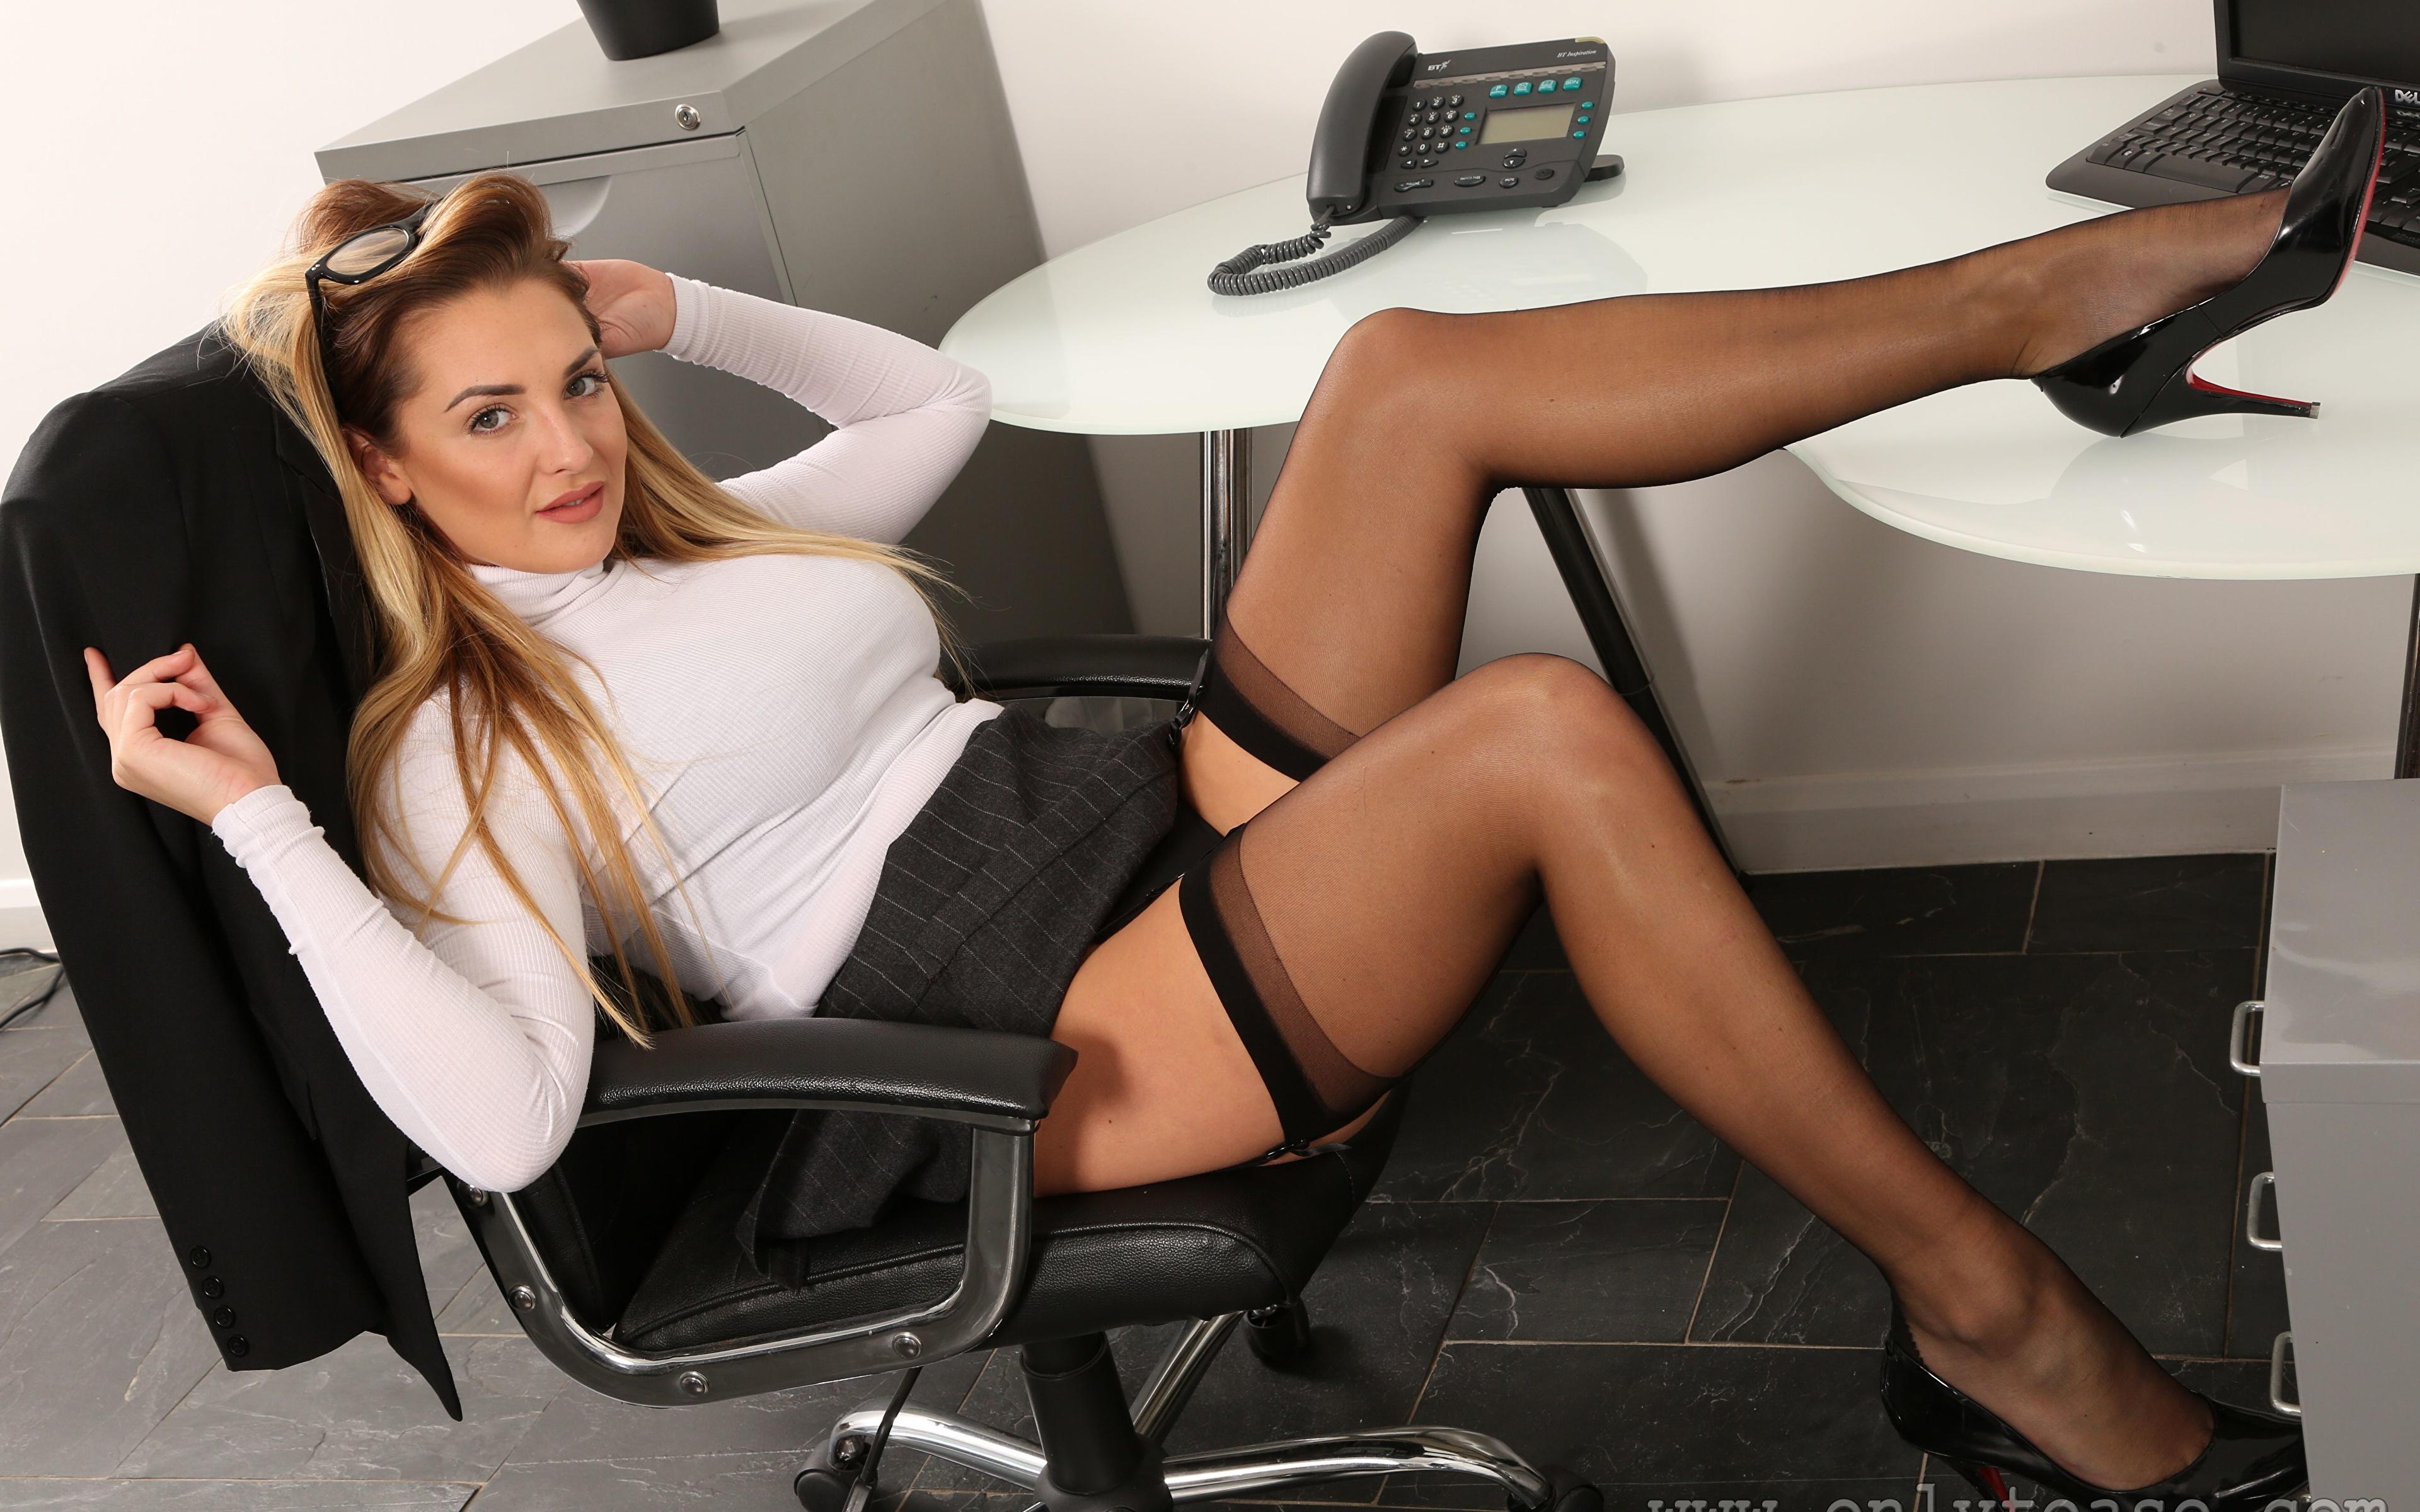 Русский секс с русской секретаршей онлайн, Порно видео онлайн: РусскоеСекретарша 10 фотография